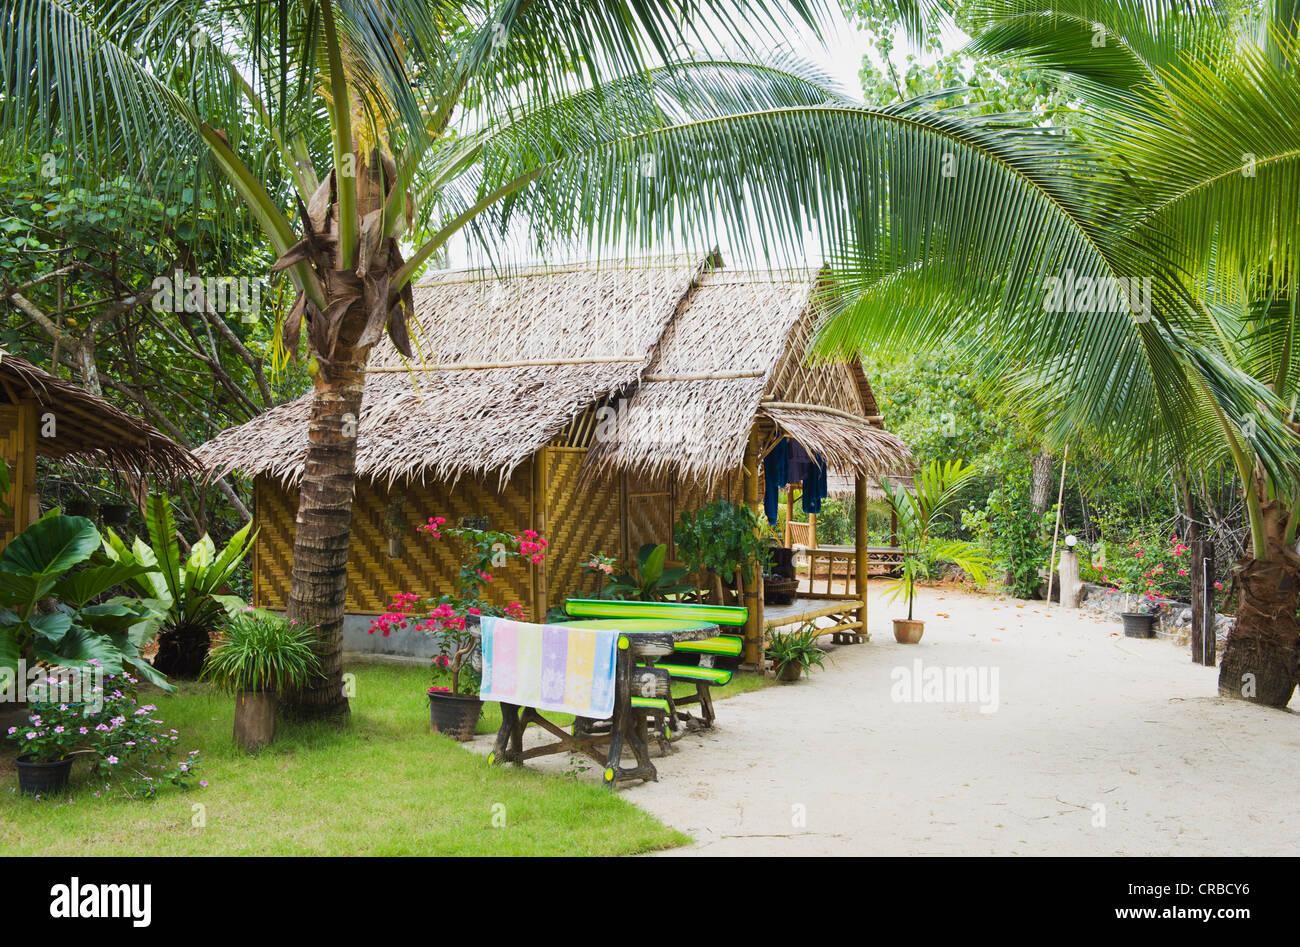 banana bungalow thailand